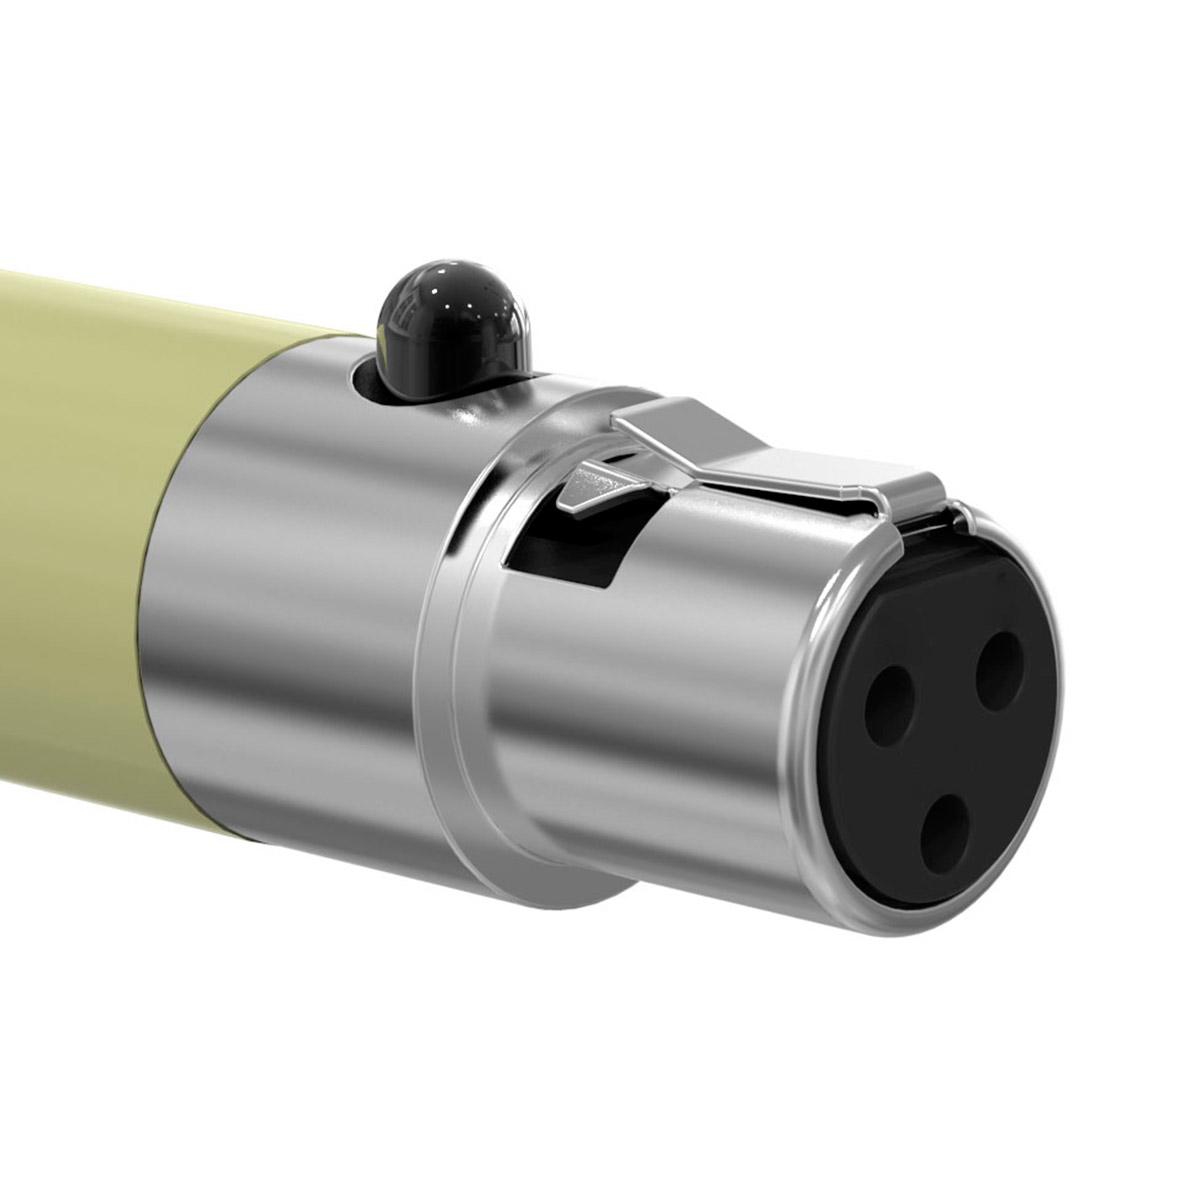 HC1SHU - Plug Adaptador P2 / Mini XLR-F c/ Trava HC1 SHU - SKP